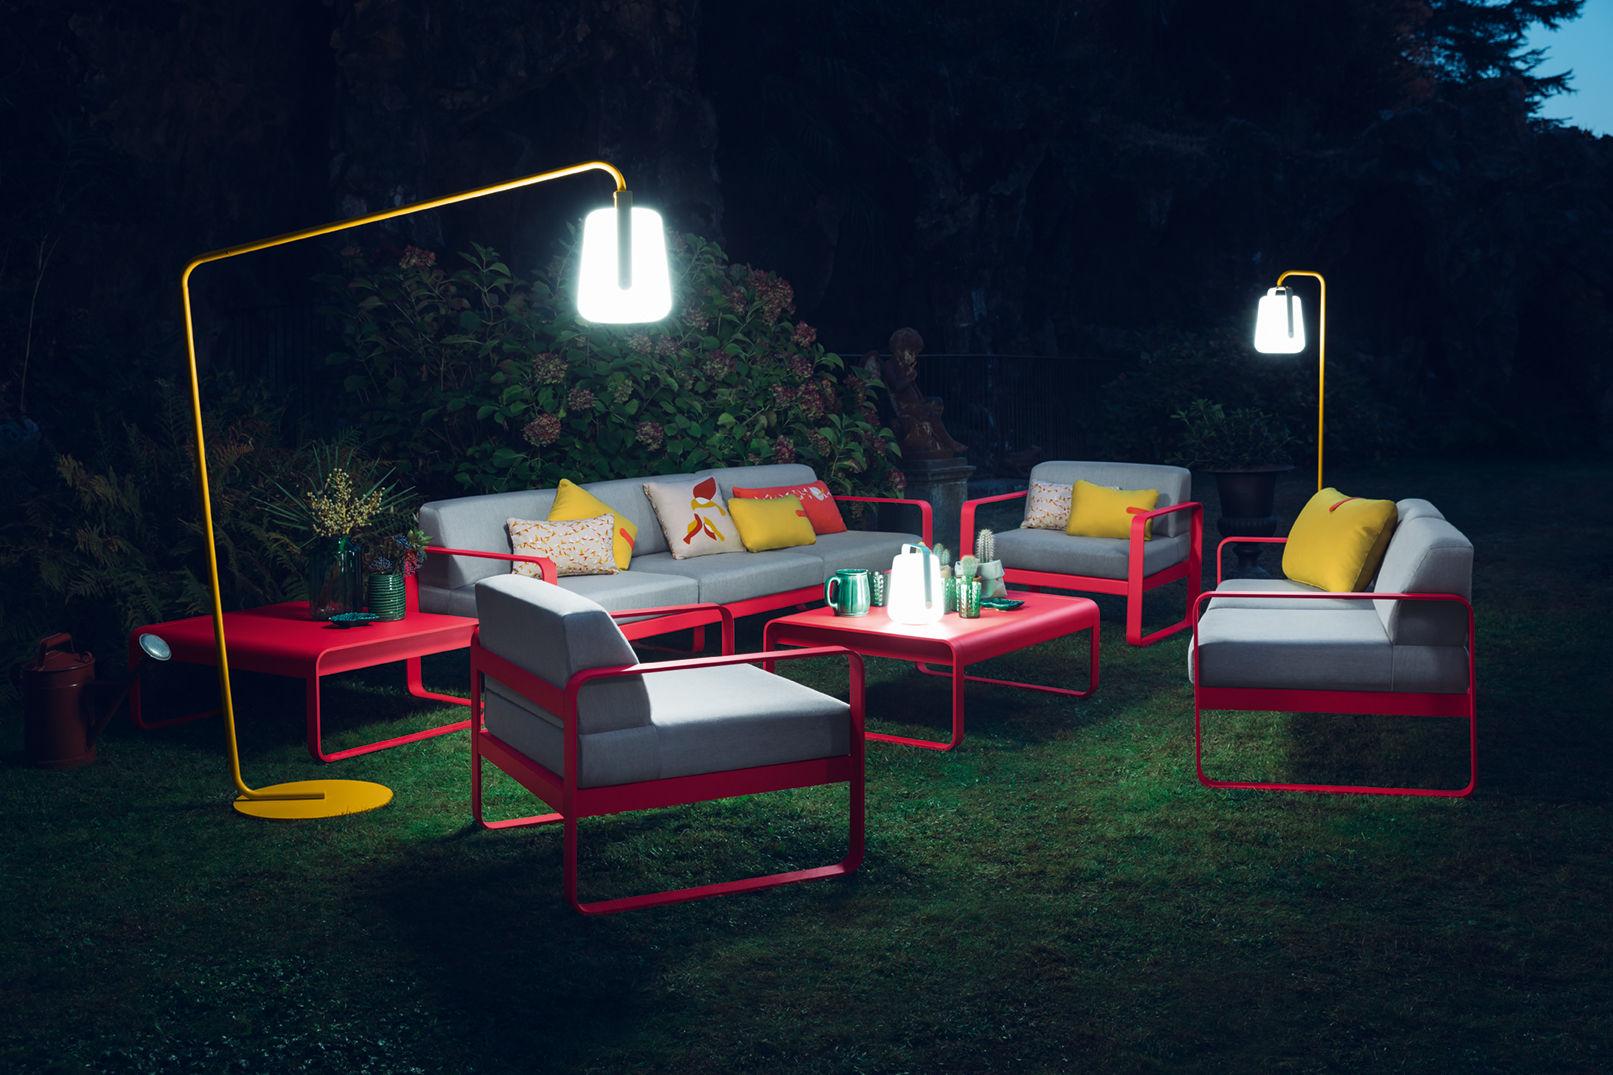 lampe ohne kabel balad led von fermob gelb made in design. Black Bedroom Furniture Sets. Home Design Ideas